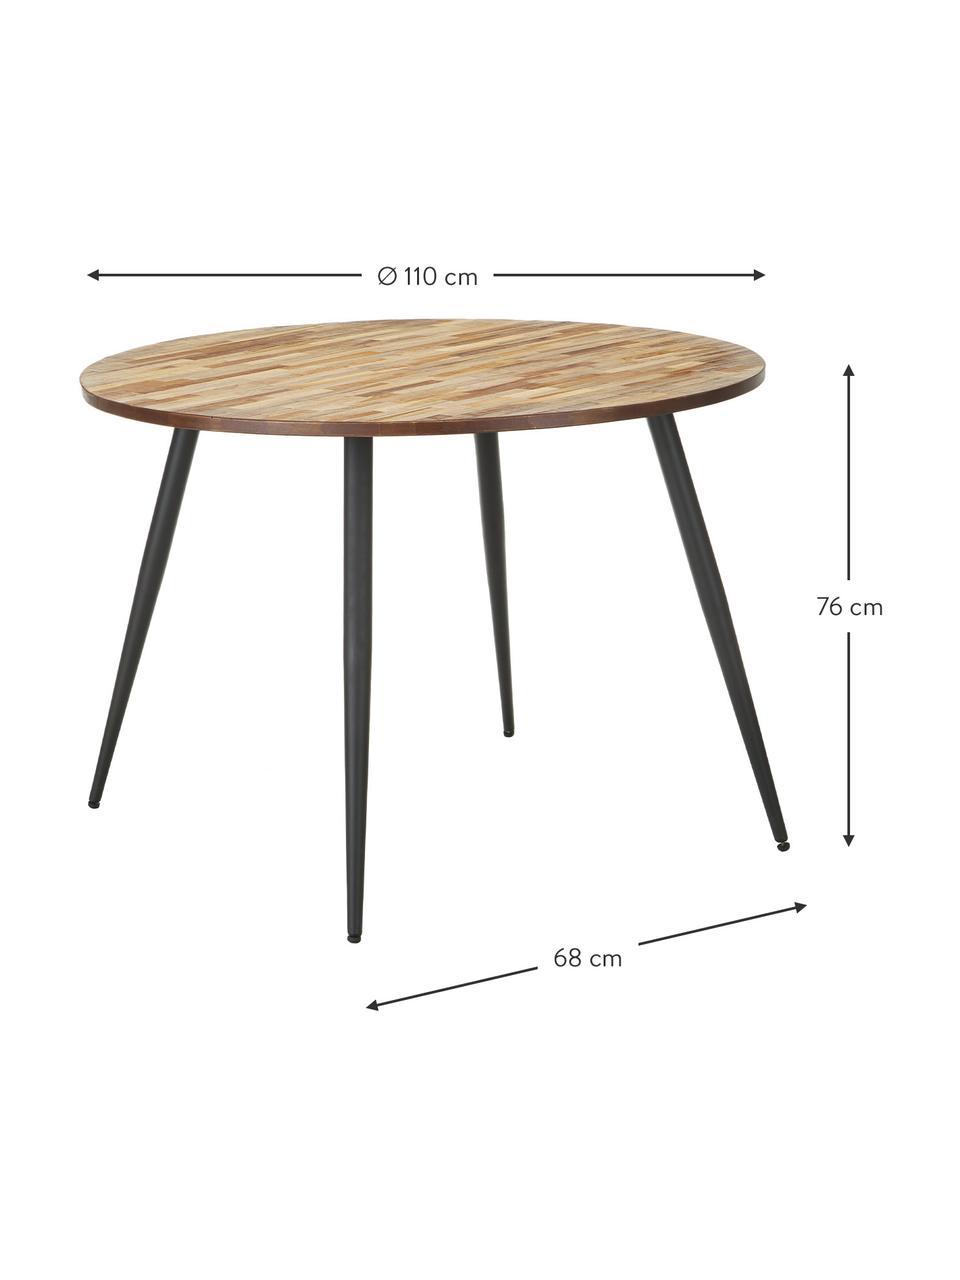 Tavolo rotondo con piano in legno di teak Mo, Ø110 cm, Gambe: acciaio verniciato e rive, Piano d'appoggio: legno di teak Gambe: nero, Ø 110 x Alt. 76 cm